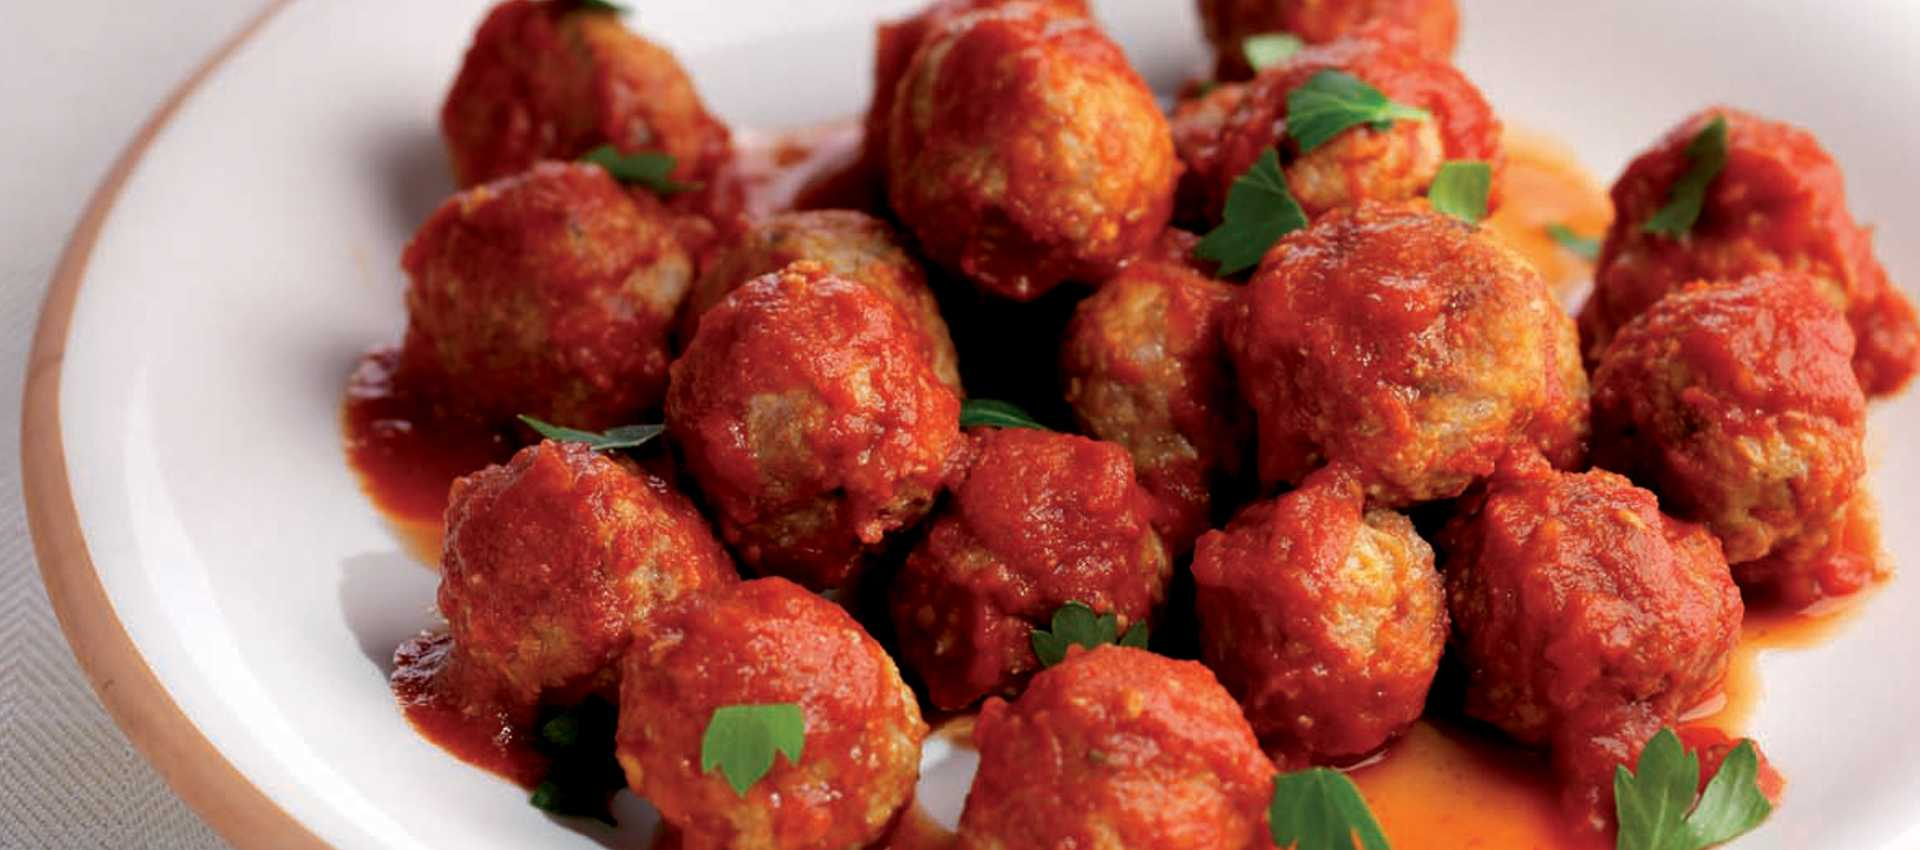 kryddstarka köttbullar recept